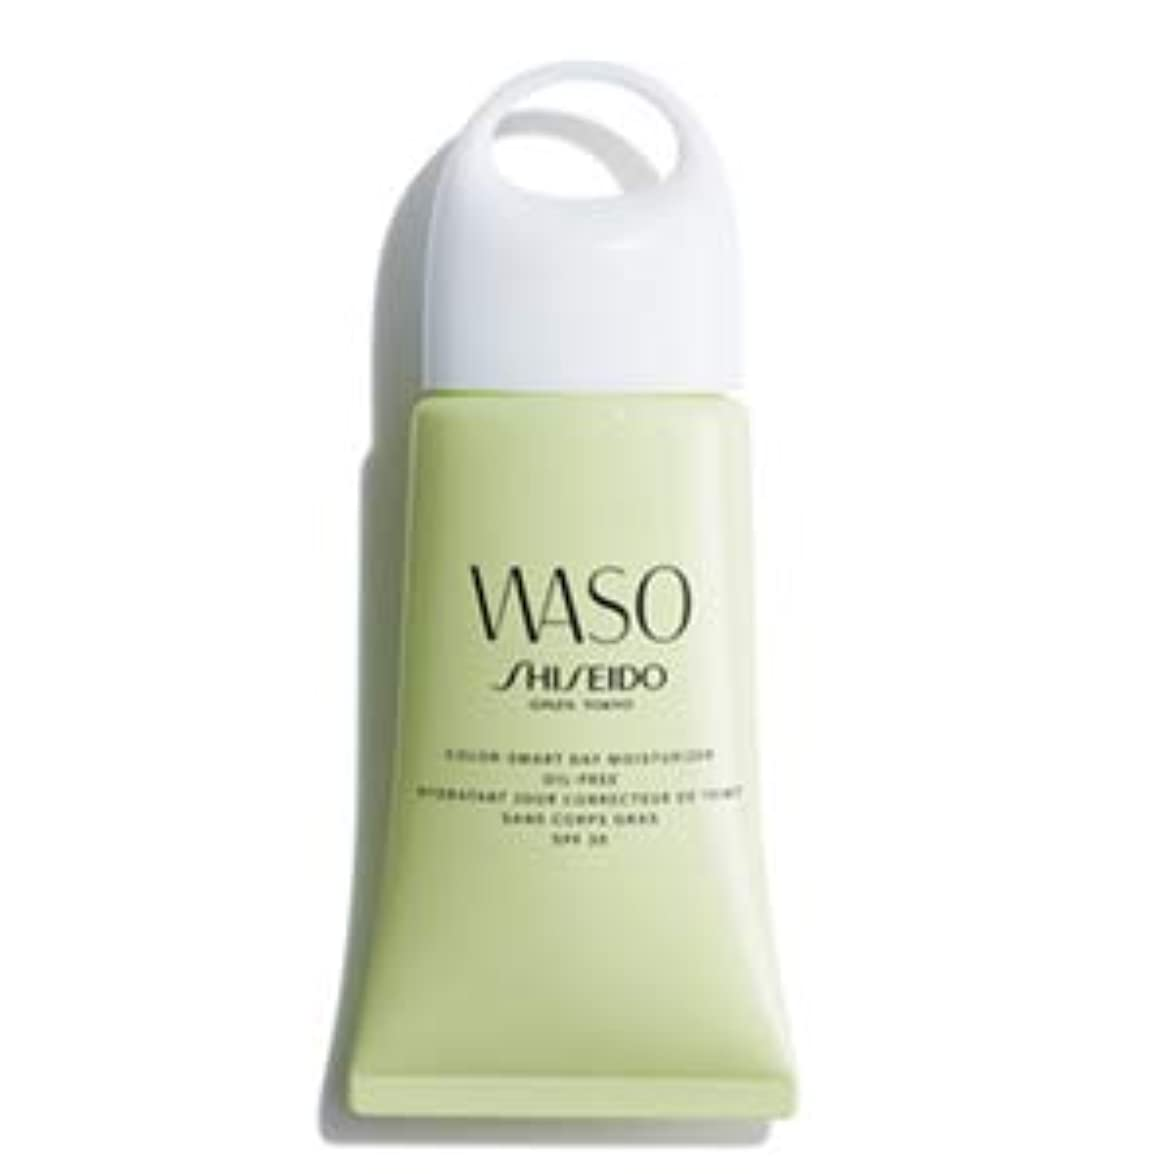 ブル航海工場WASO(ワソウ) カラー スマート デー モイスチャライザー オイルフリー PA+++ / SPF30 (日中用乳液)_55g